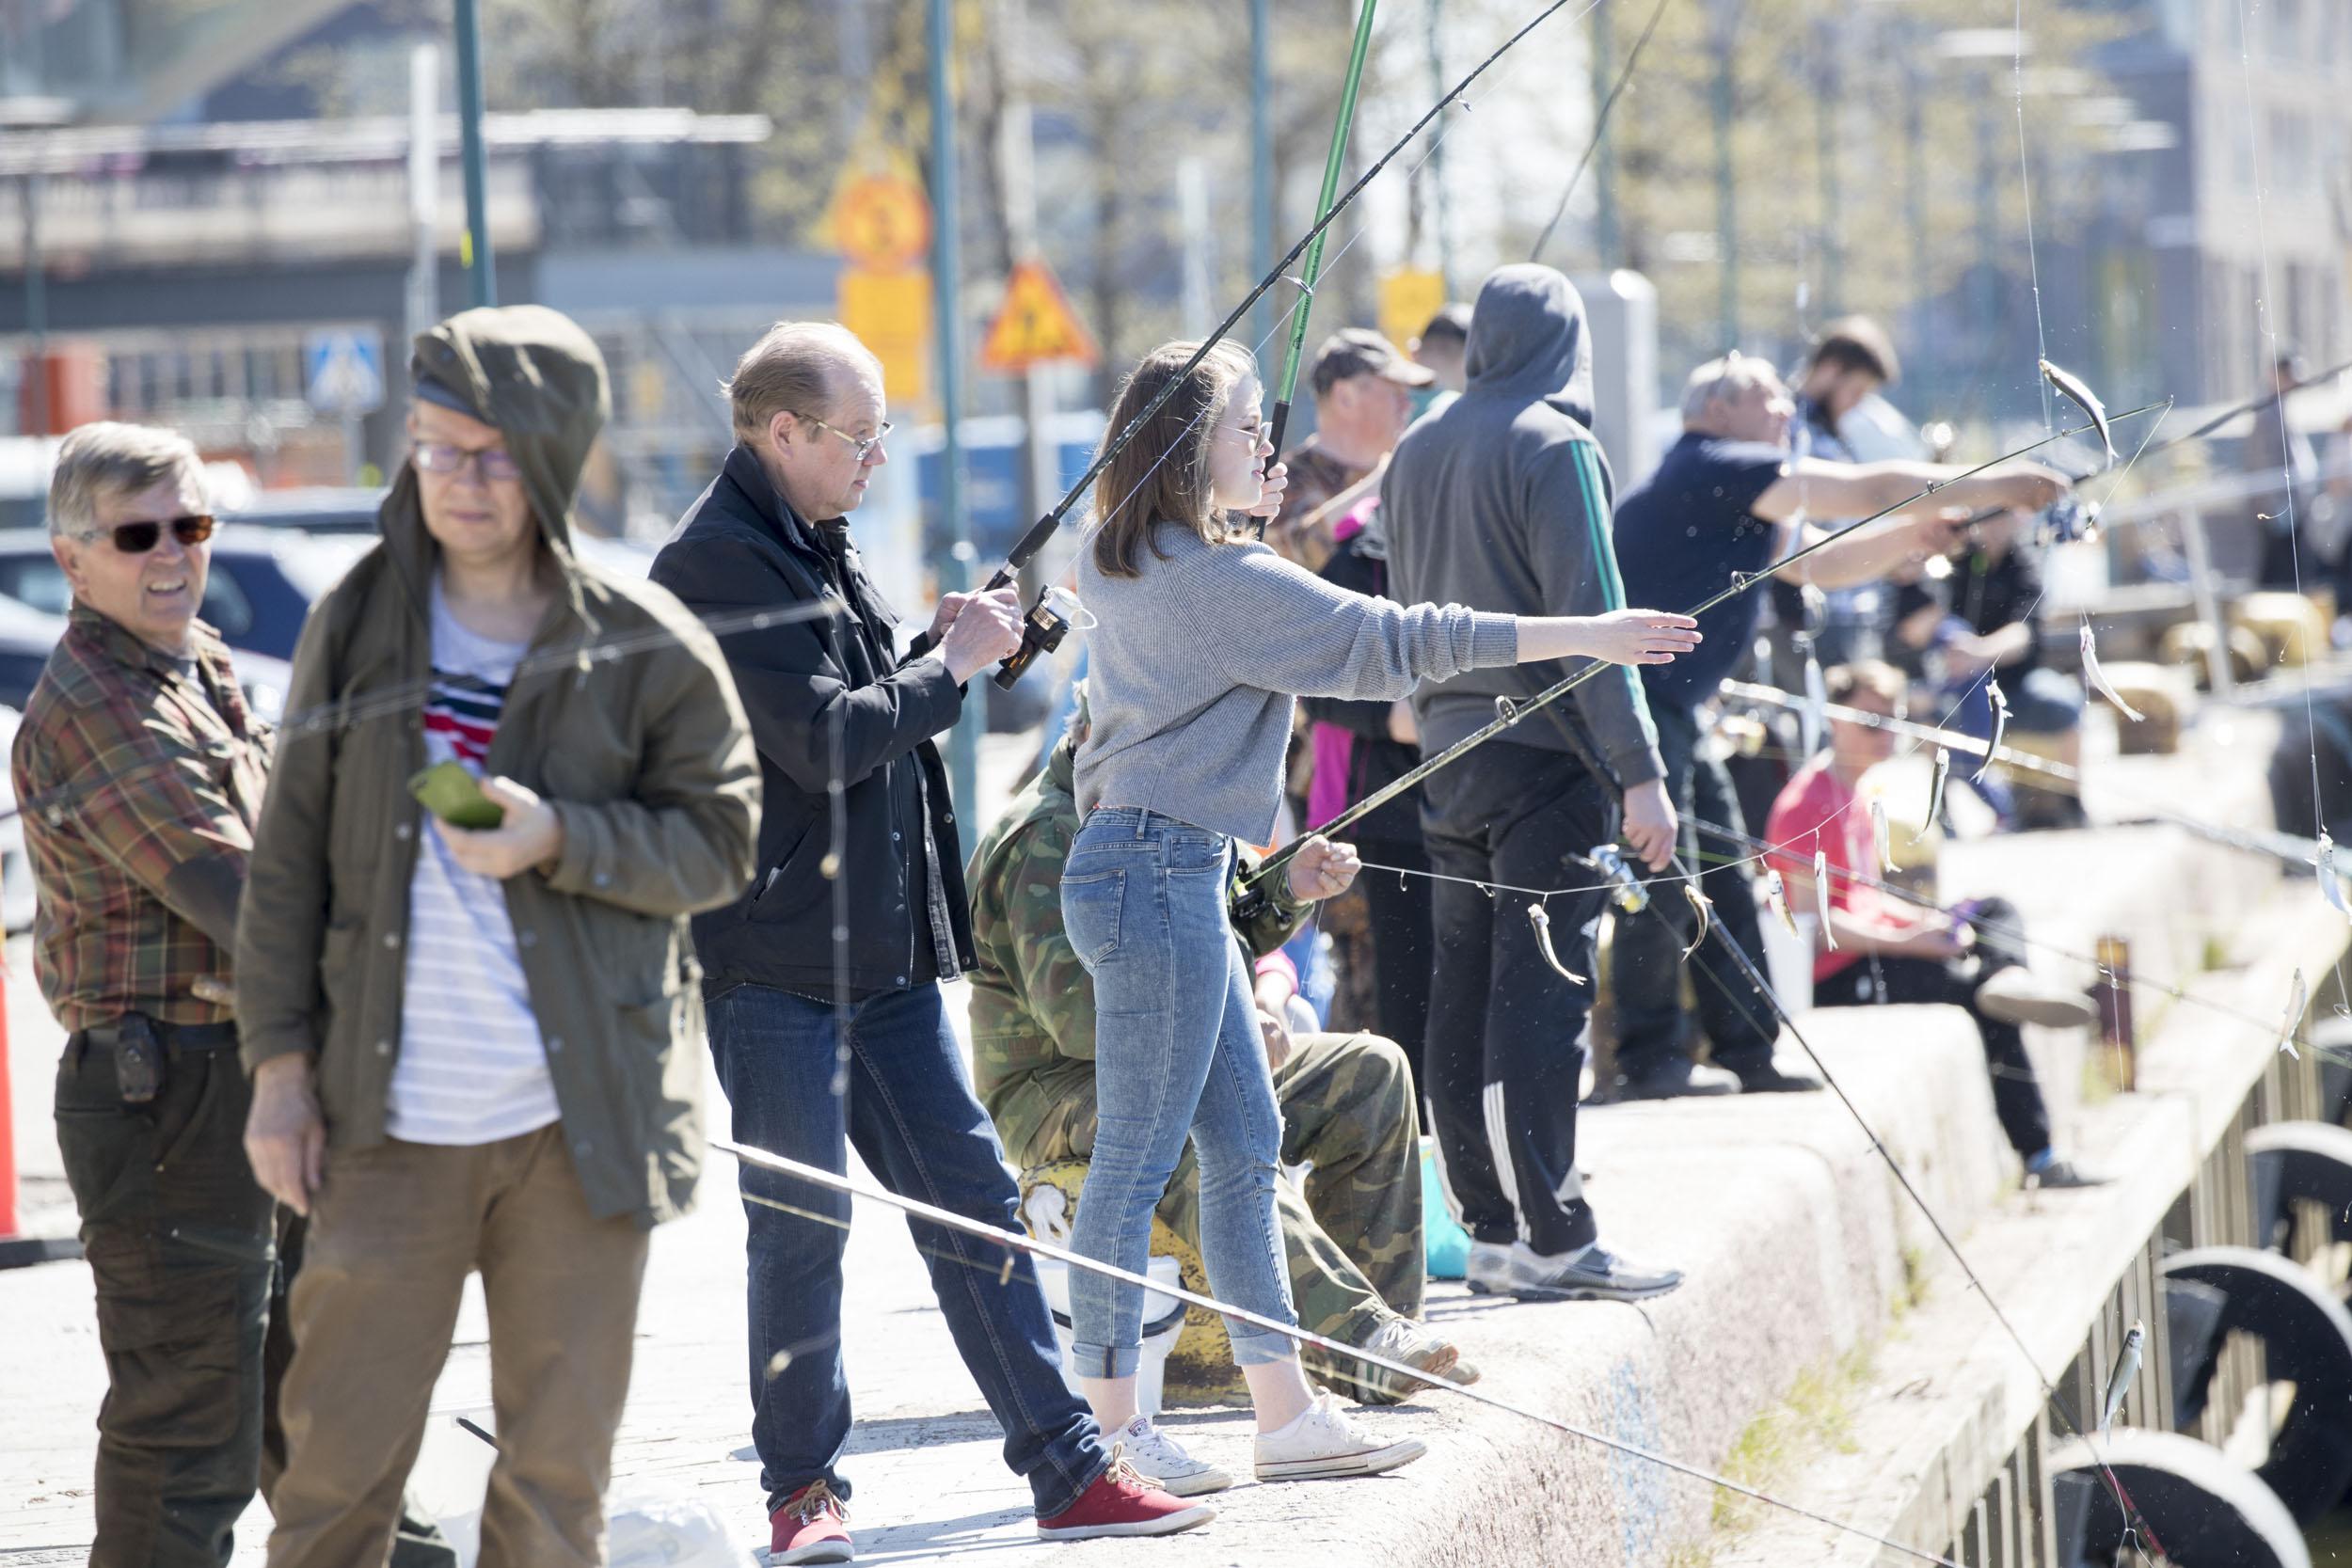 Kaapelitehtaan laituri Lauttasaaren sillan vieressä on suosittu kalastuspaikka Helsingissä. Siellä käyvät myös Markku (kolmas vas.) ja Linda Liukkonen. Kuva Pekka Nieminen / Otavamedia